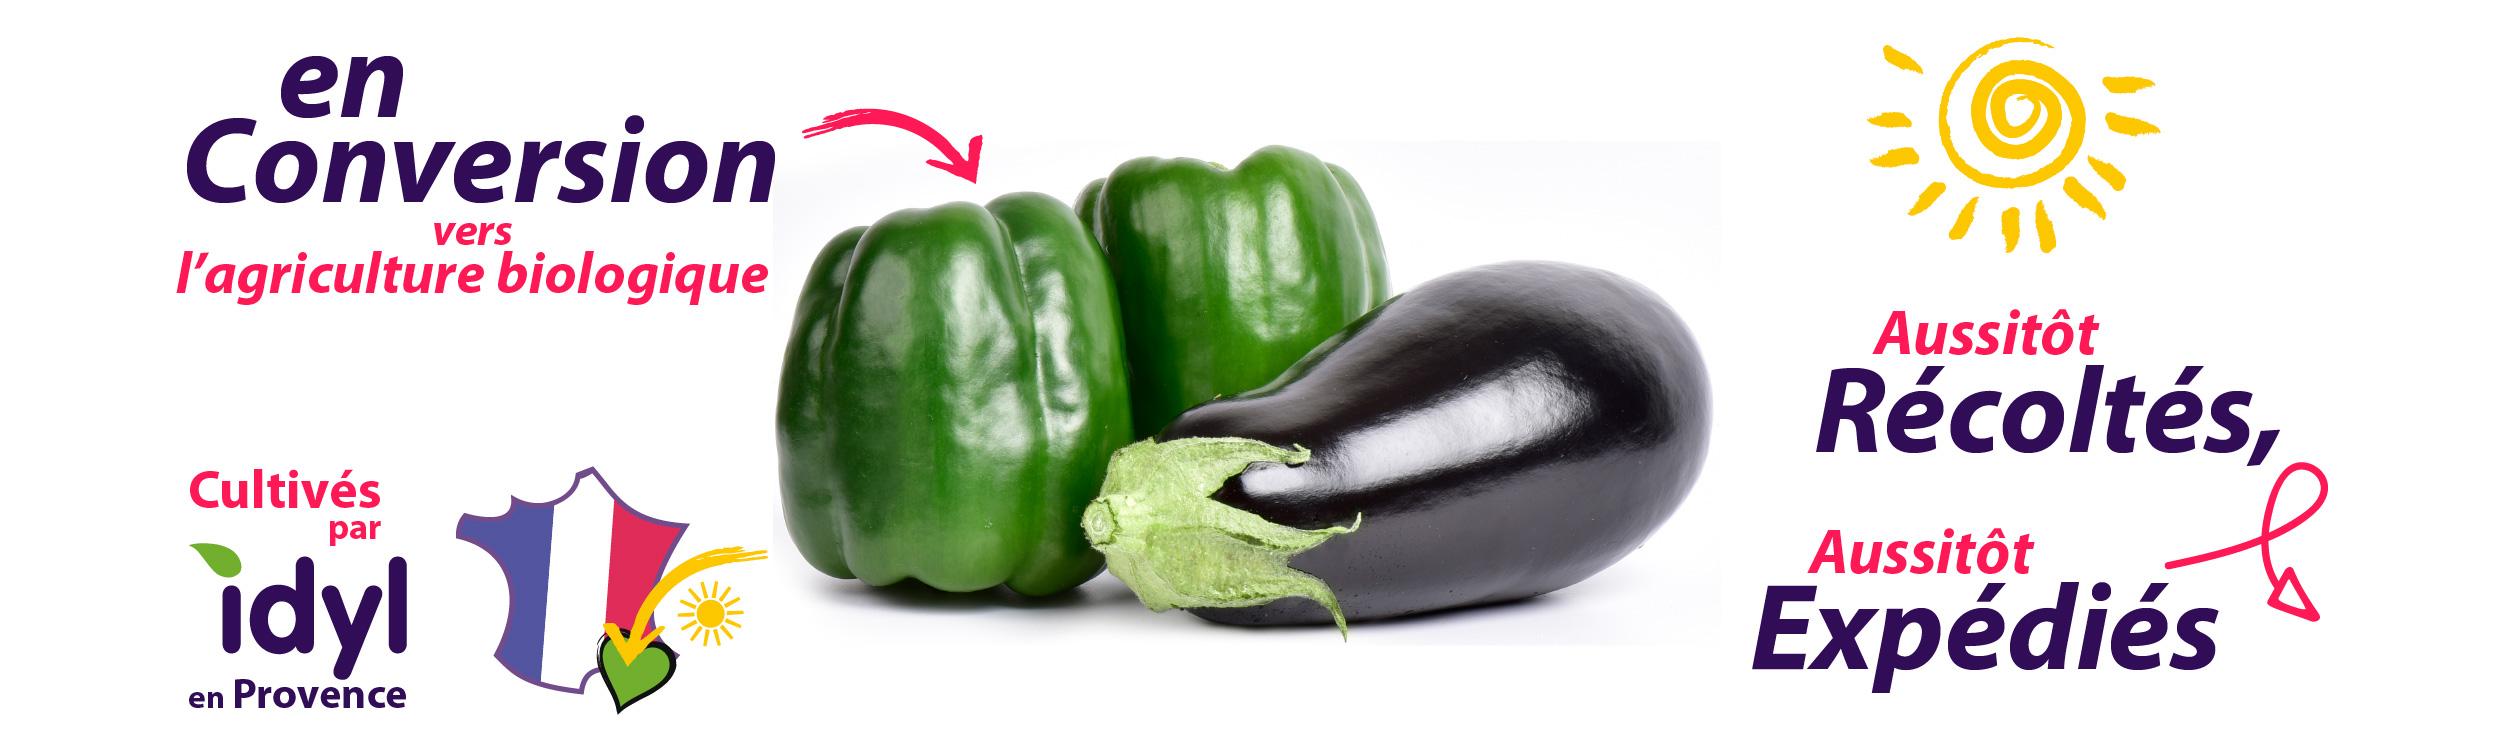 Poivron et aubergine de Provence Idyl producteur